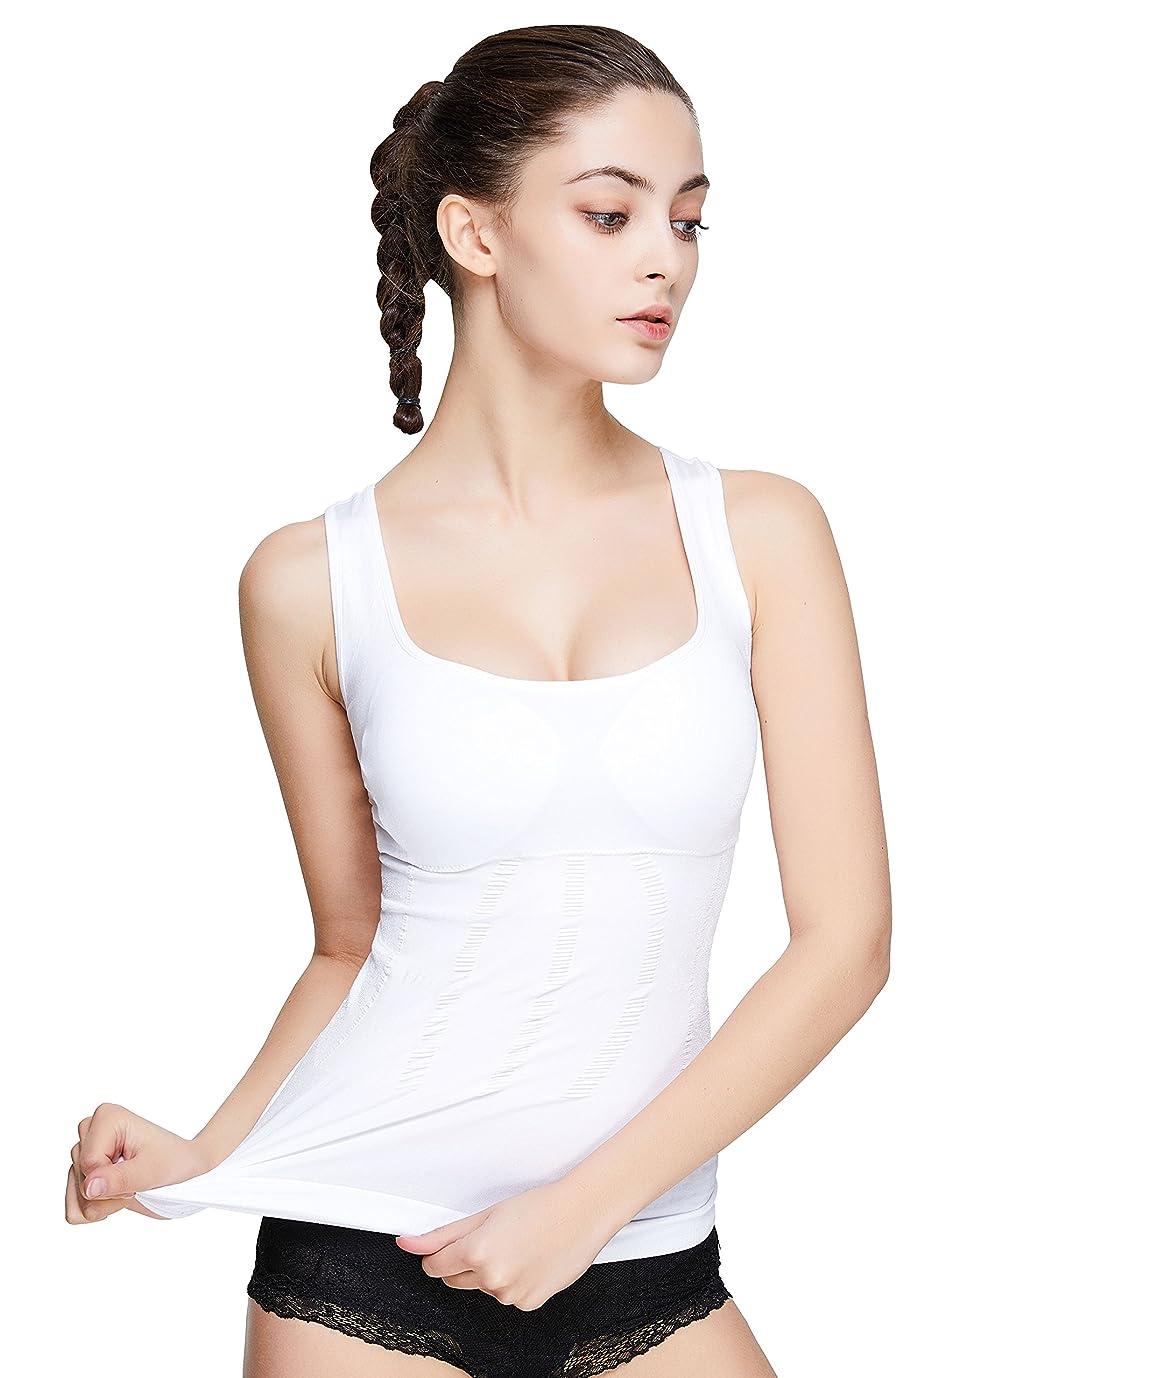 珍味西部コレクションスパルタックス 加圧シャツ 半袖 着圧下着 Vネック メンズ 加圧インナー 黒 Lサイズ (black,L)